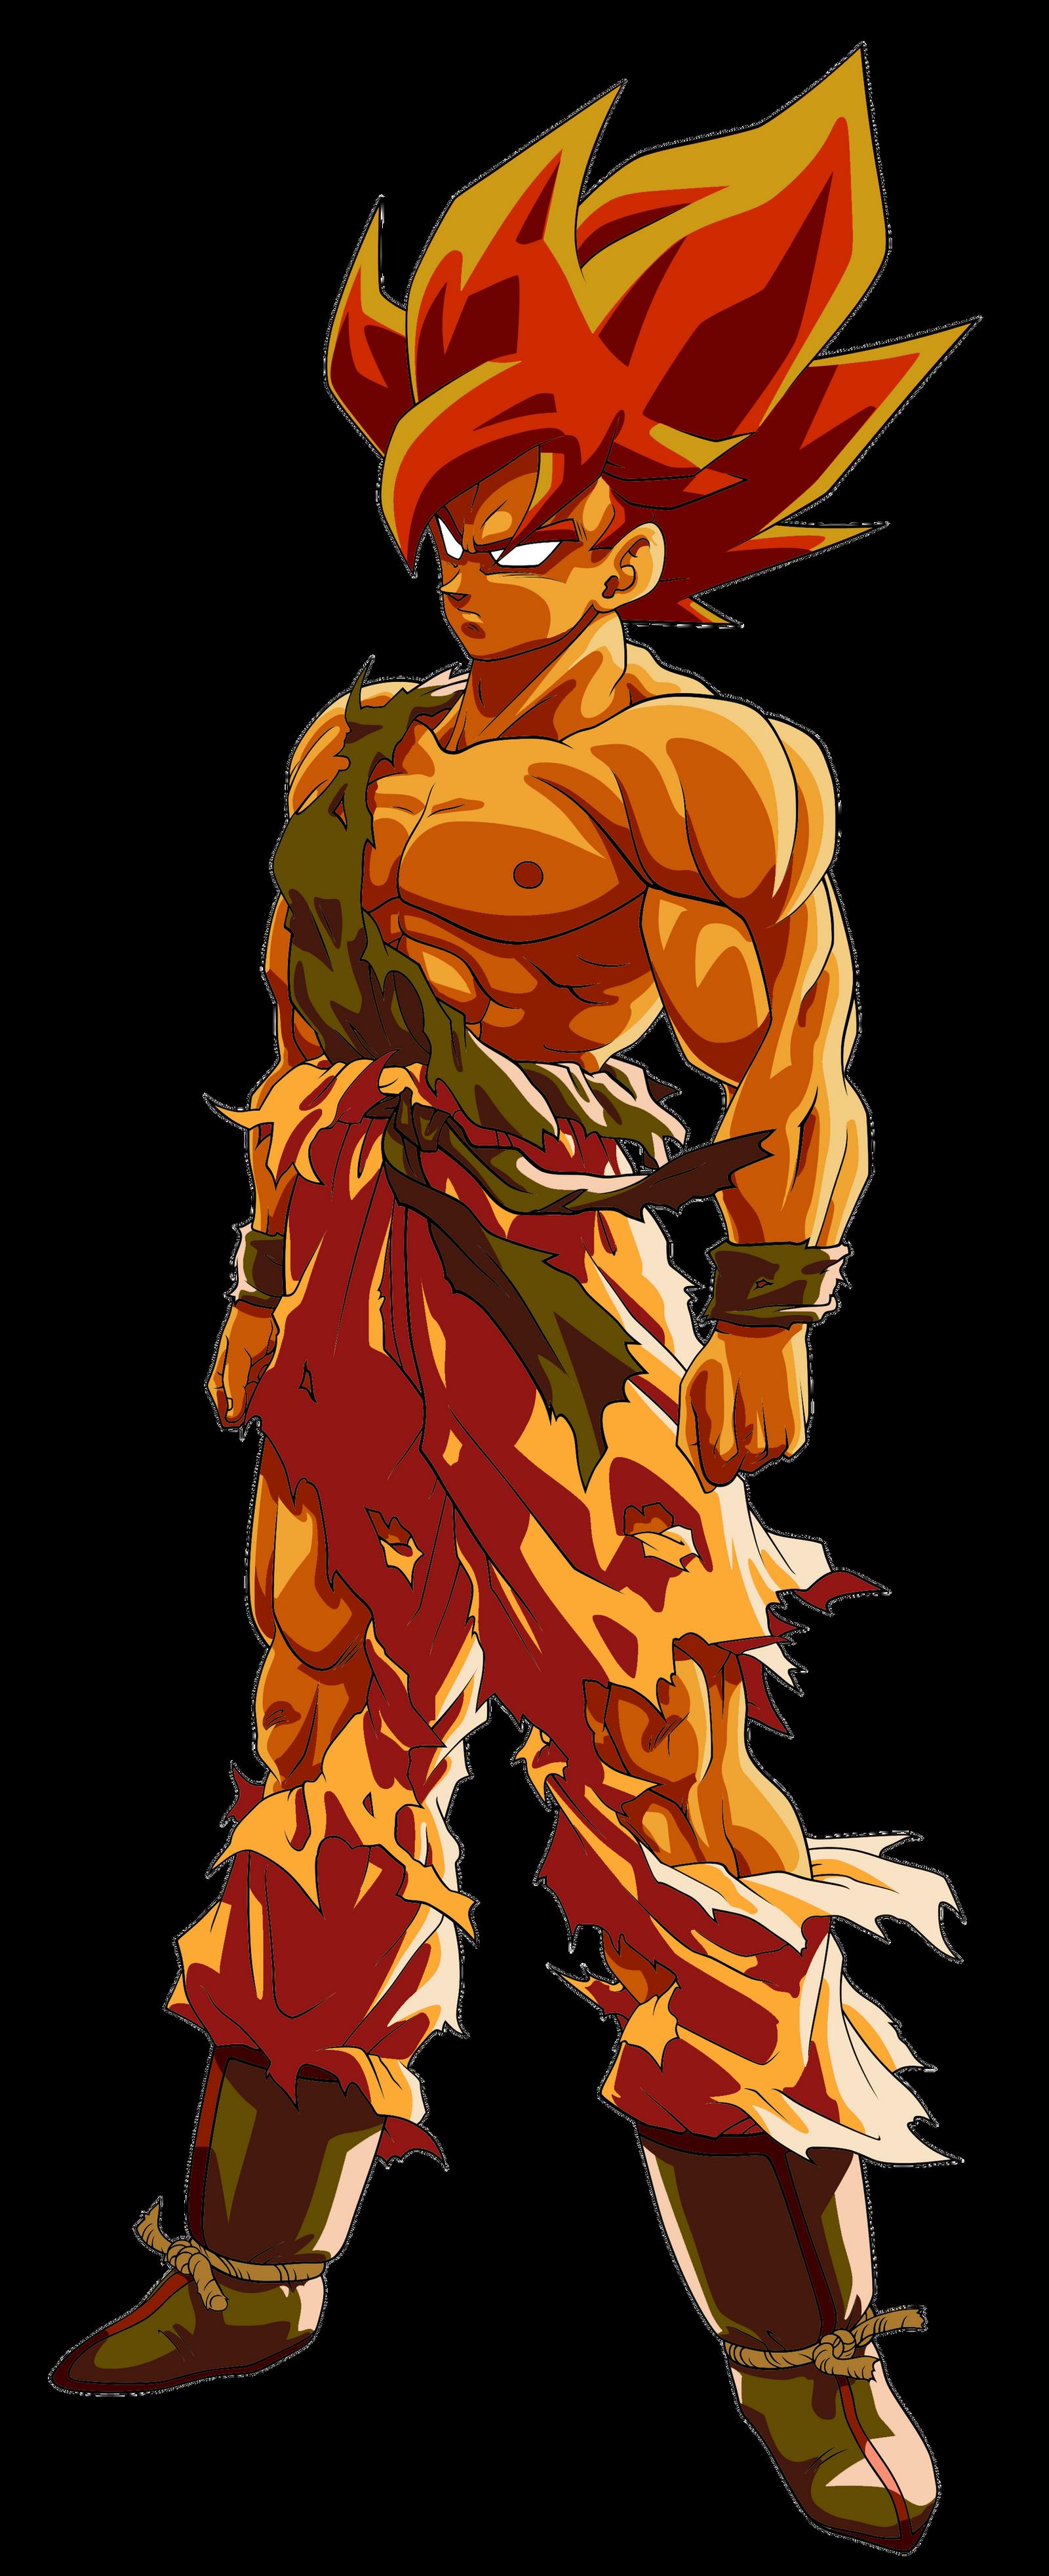 Goku ssj namek false super saiyan palette by benj san on deviantart - Super san dragon ball z ...